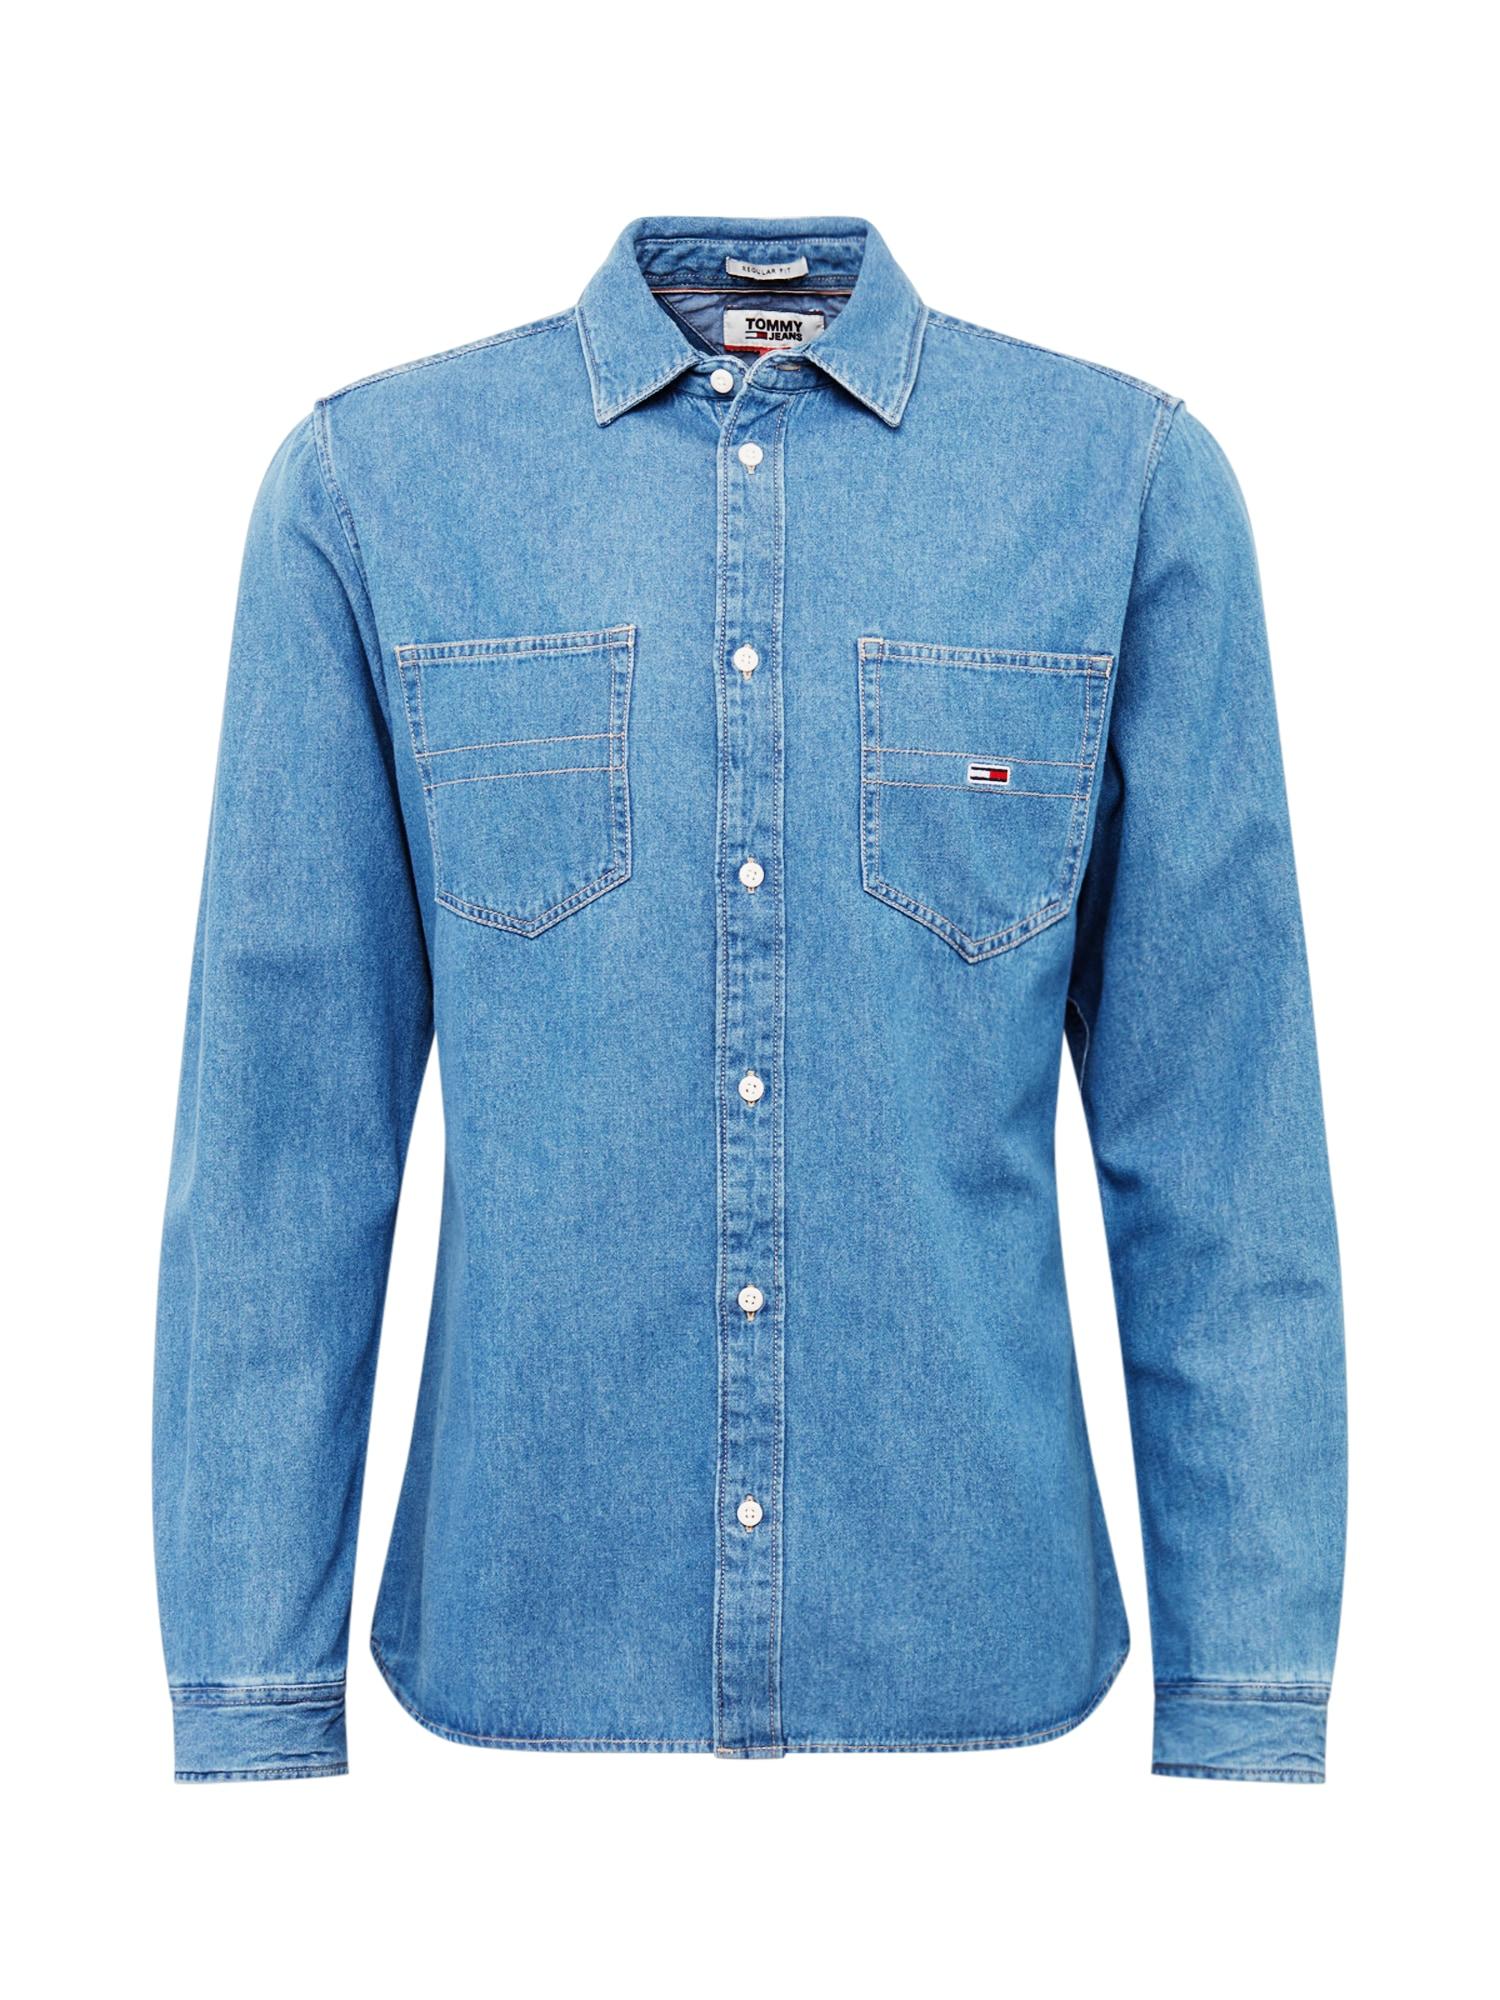 Tommy Jeans Dalykiniai marškiniai tamsiai (džinso) mėlyna